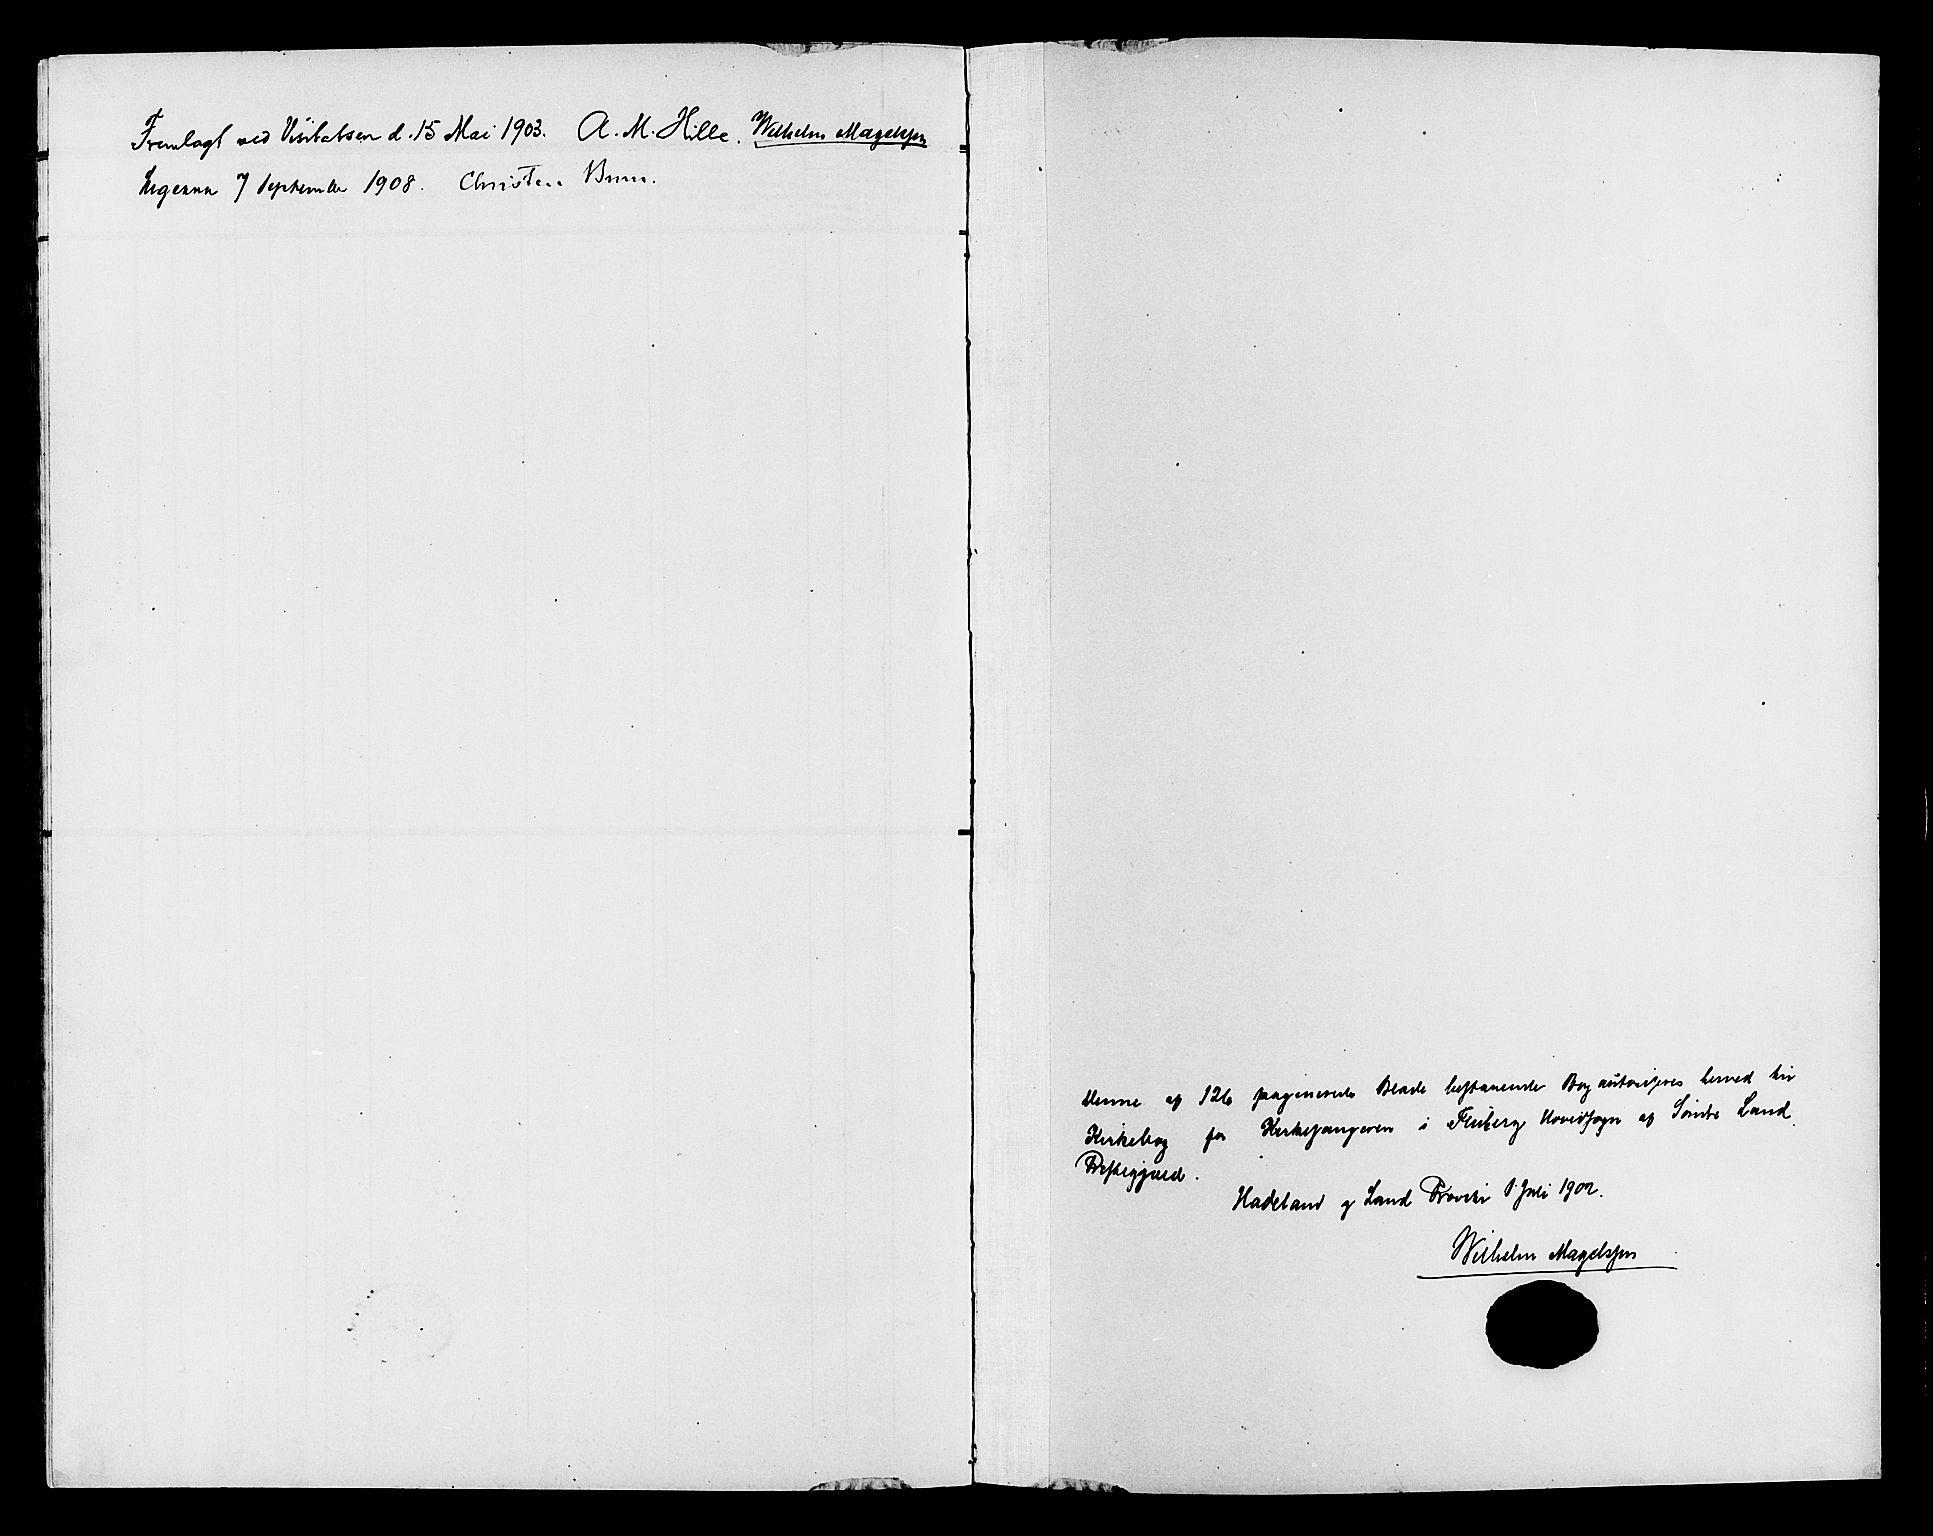 SAH, Søndre Land prestekontor, L/L0005: Klokkerbok nr. 5, 1902-1911